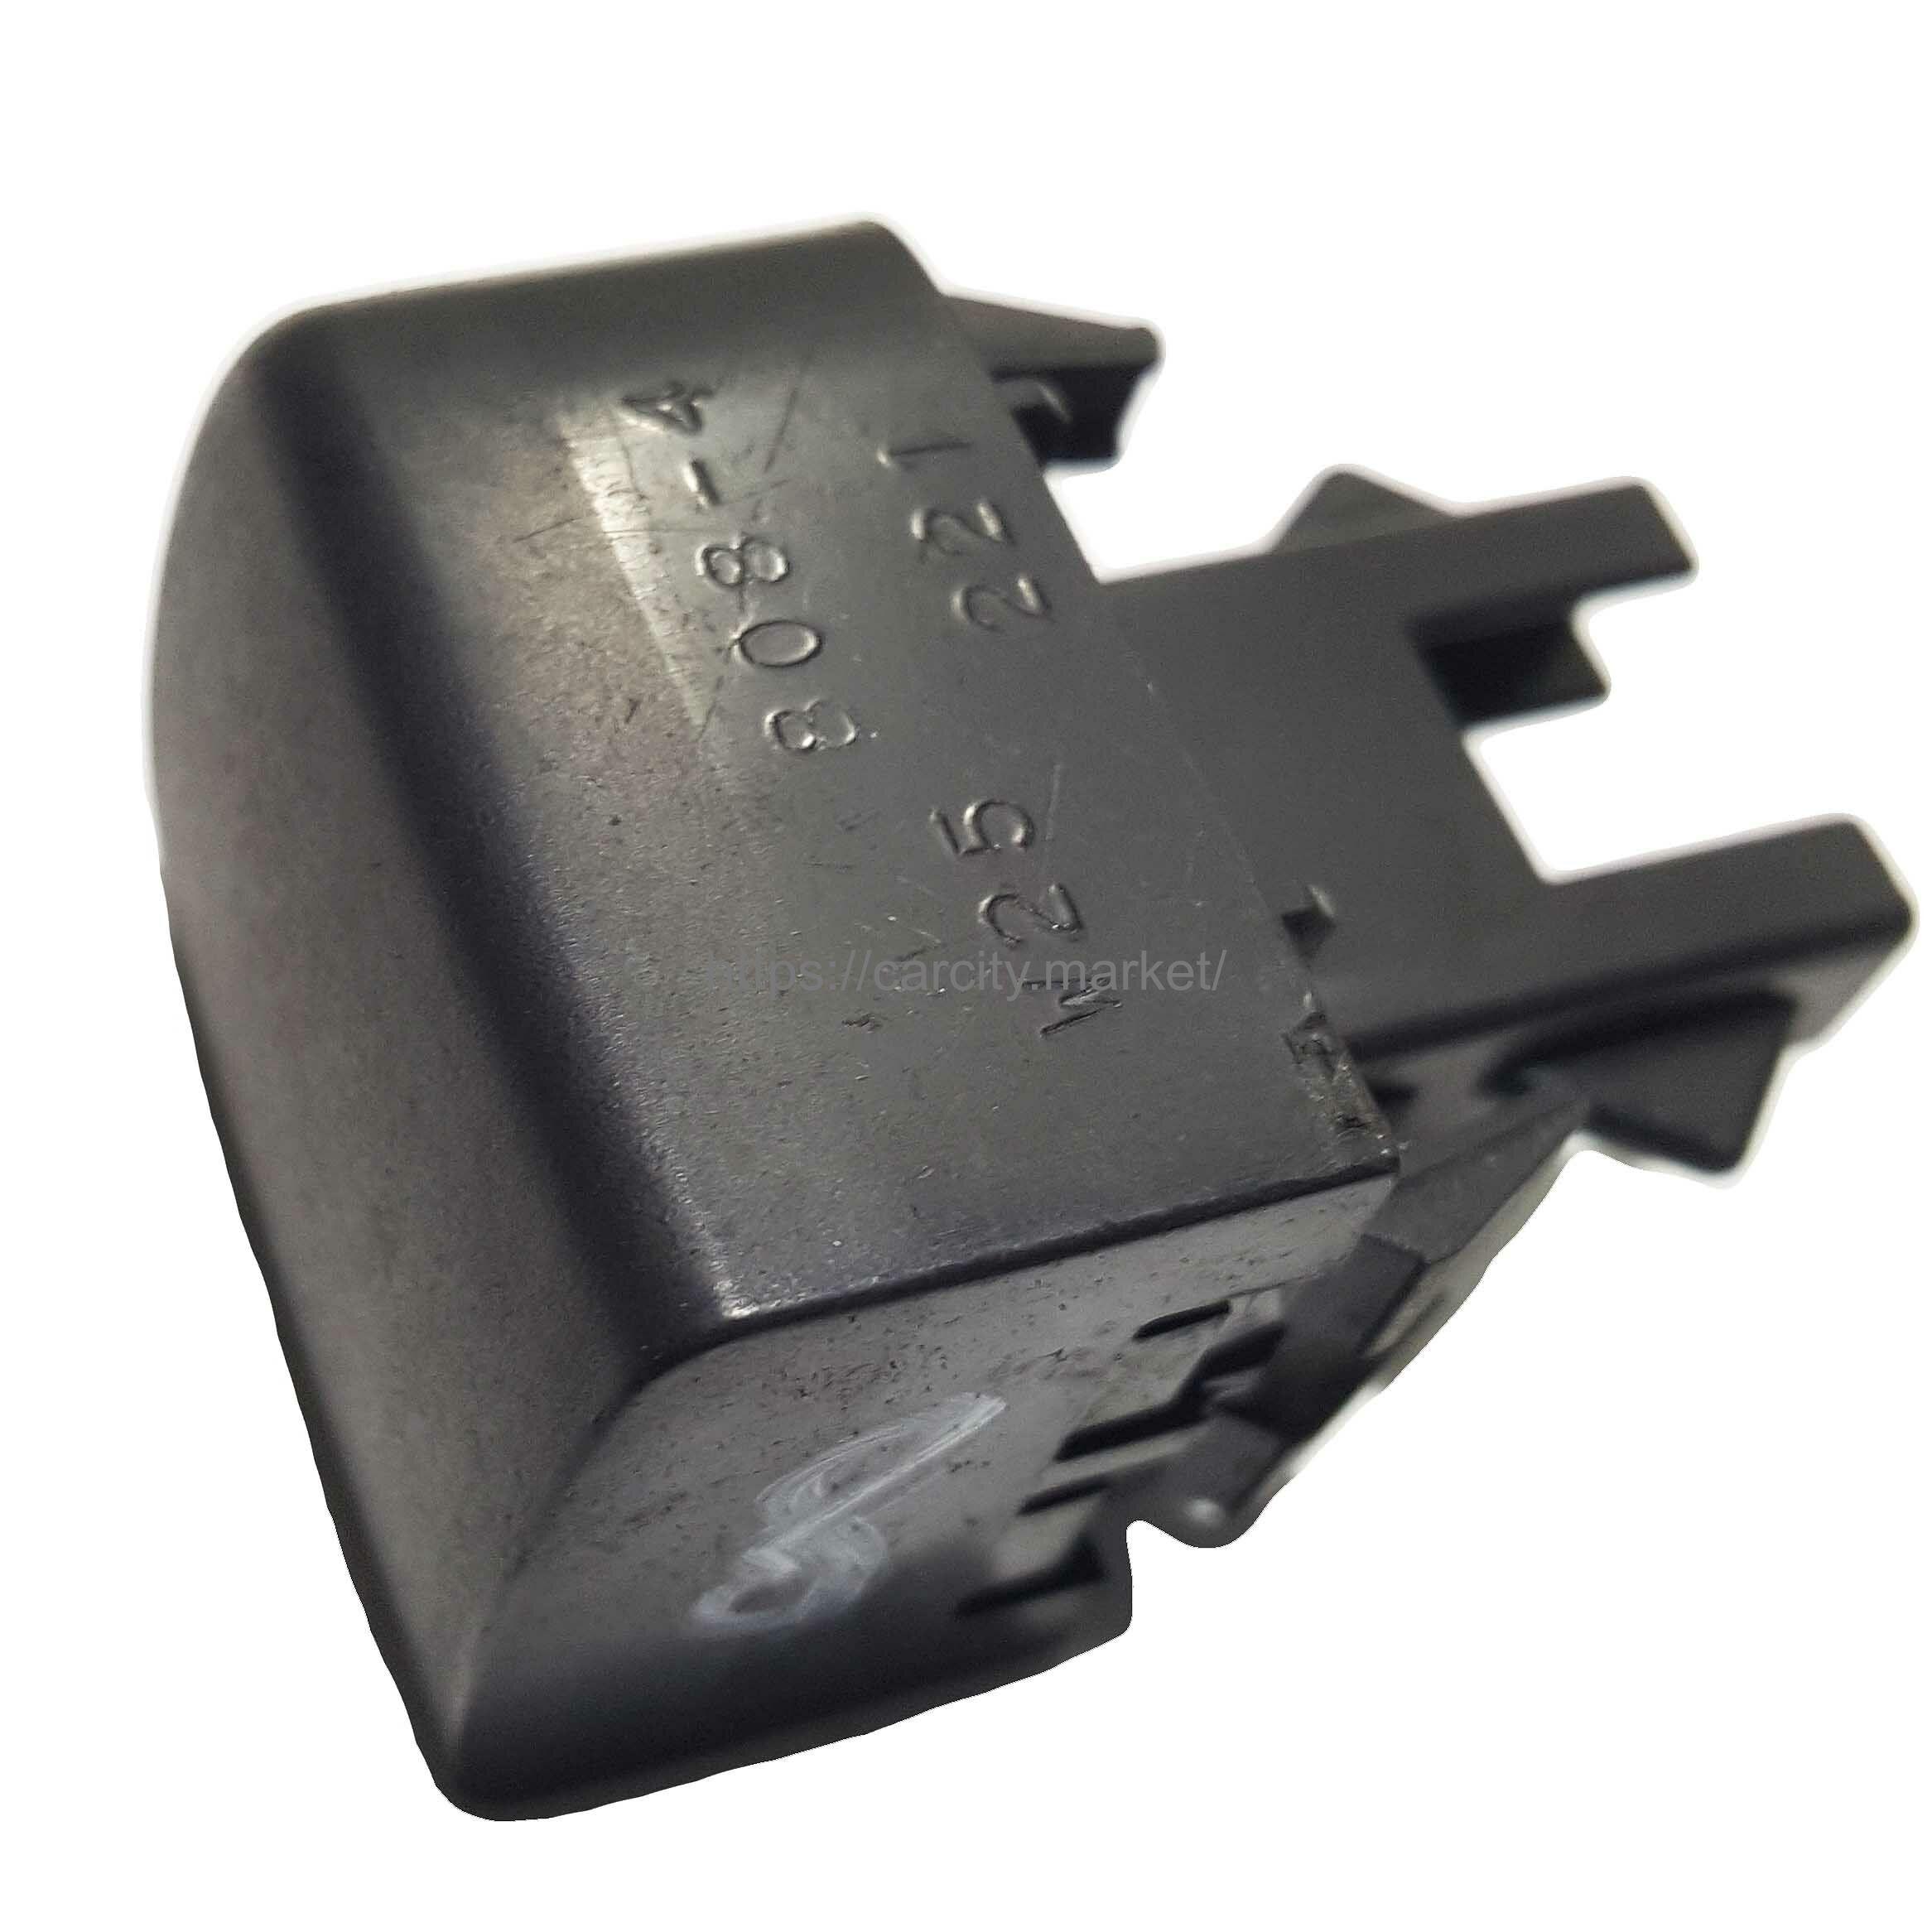 Заглушка SAAB 900/9-3 купить в Карсти Маркет